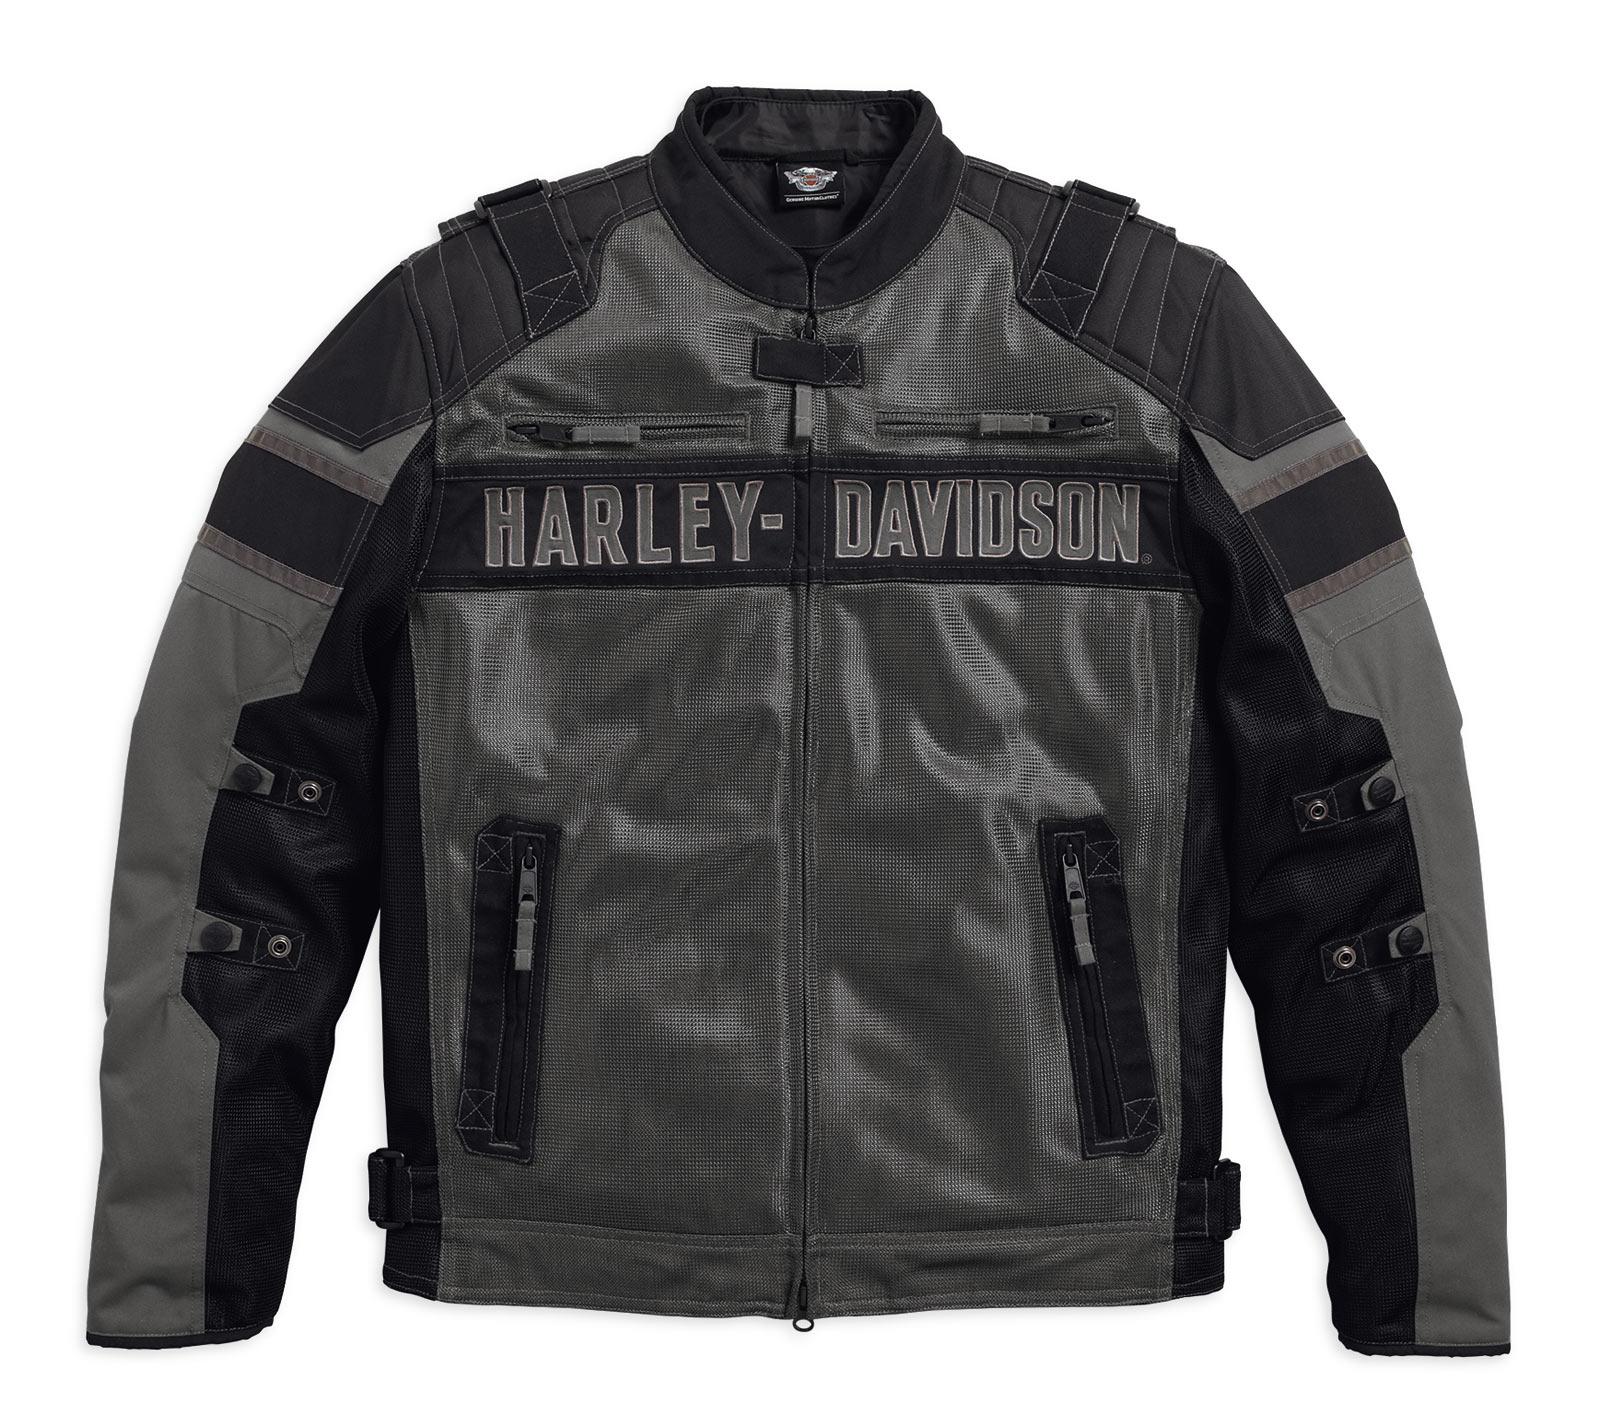 97141 17vm harley davidson textiljacke codec schwarz grau. Black Bedroom Furniture Sets. Home Design Ideas